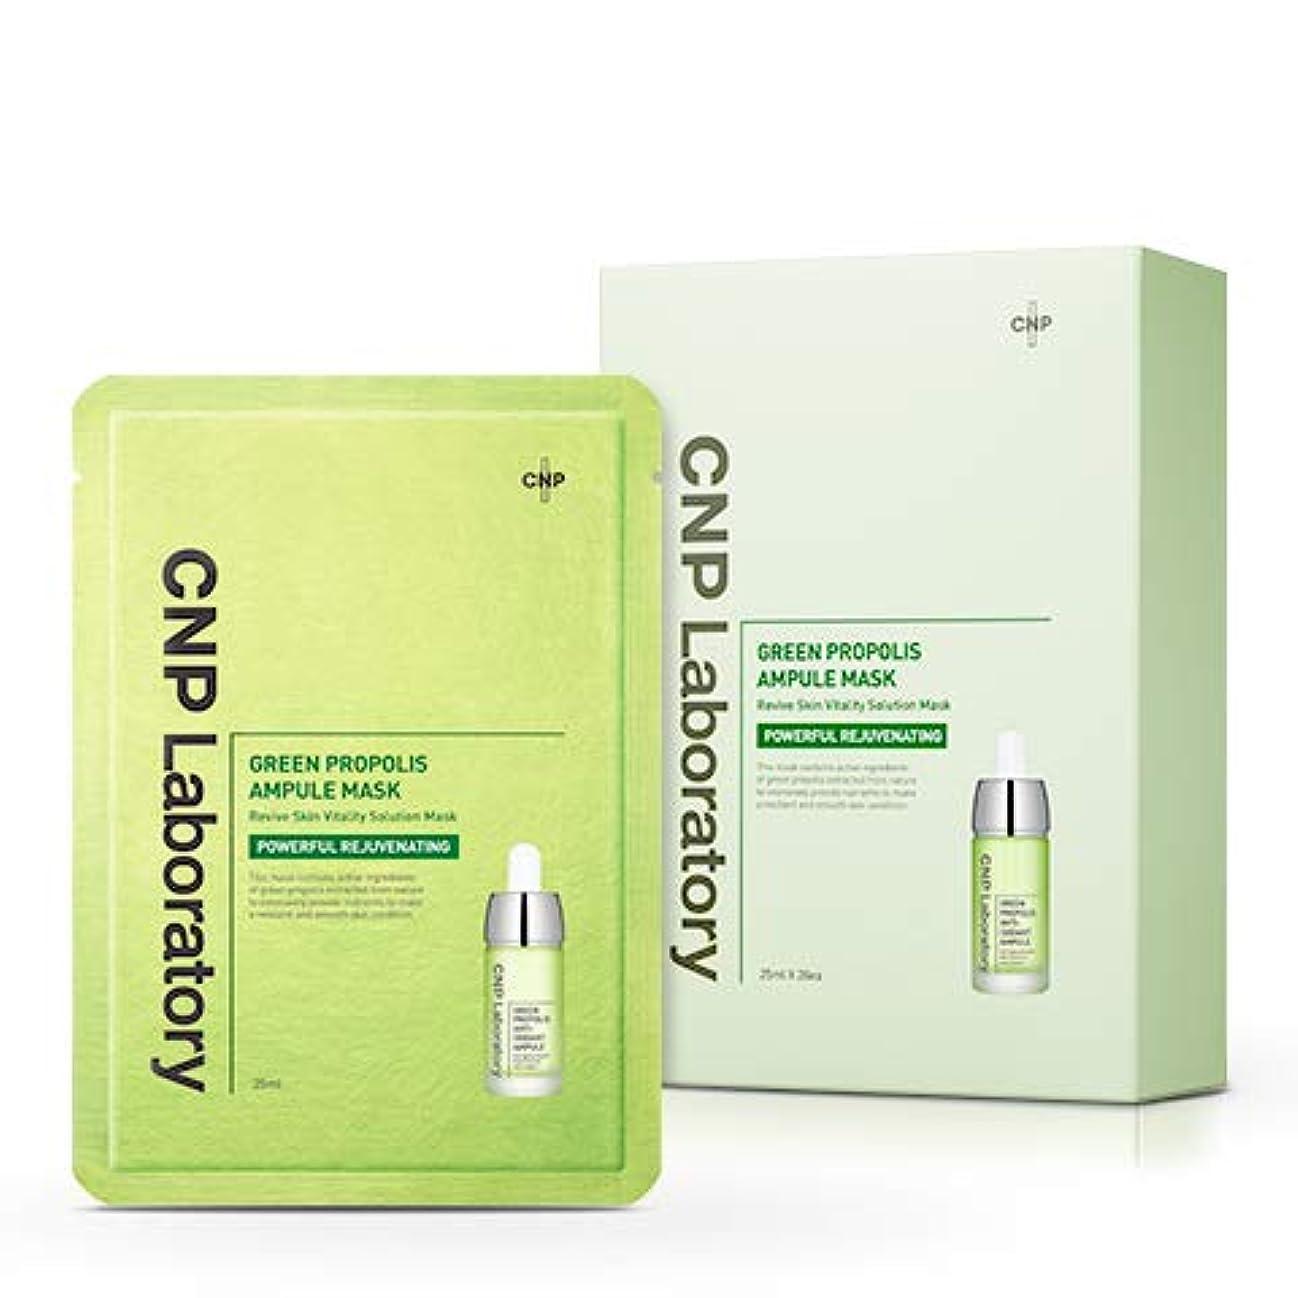 有益な剛性軌道CNP Laboratory グリーンプロポリスアンプルマスク 20枚 / Green Propolis Ampule Mask 20ea [並行輸入品]